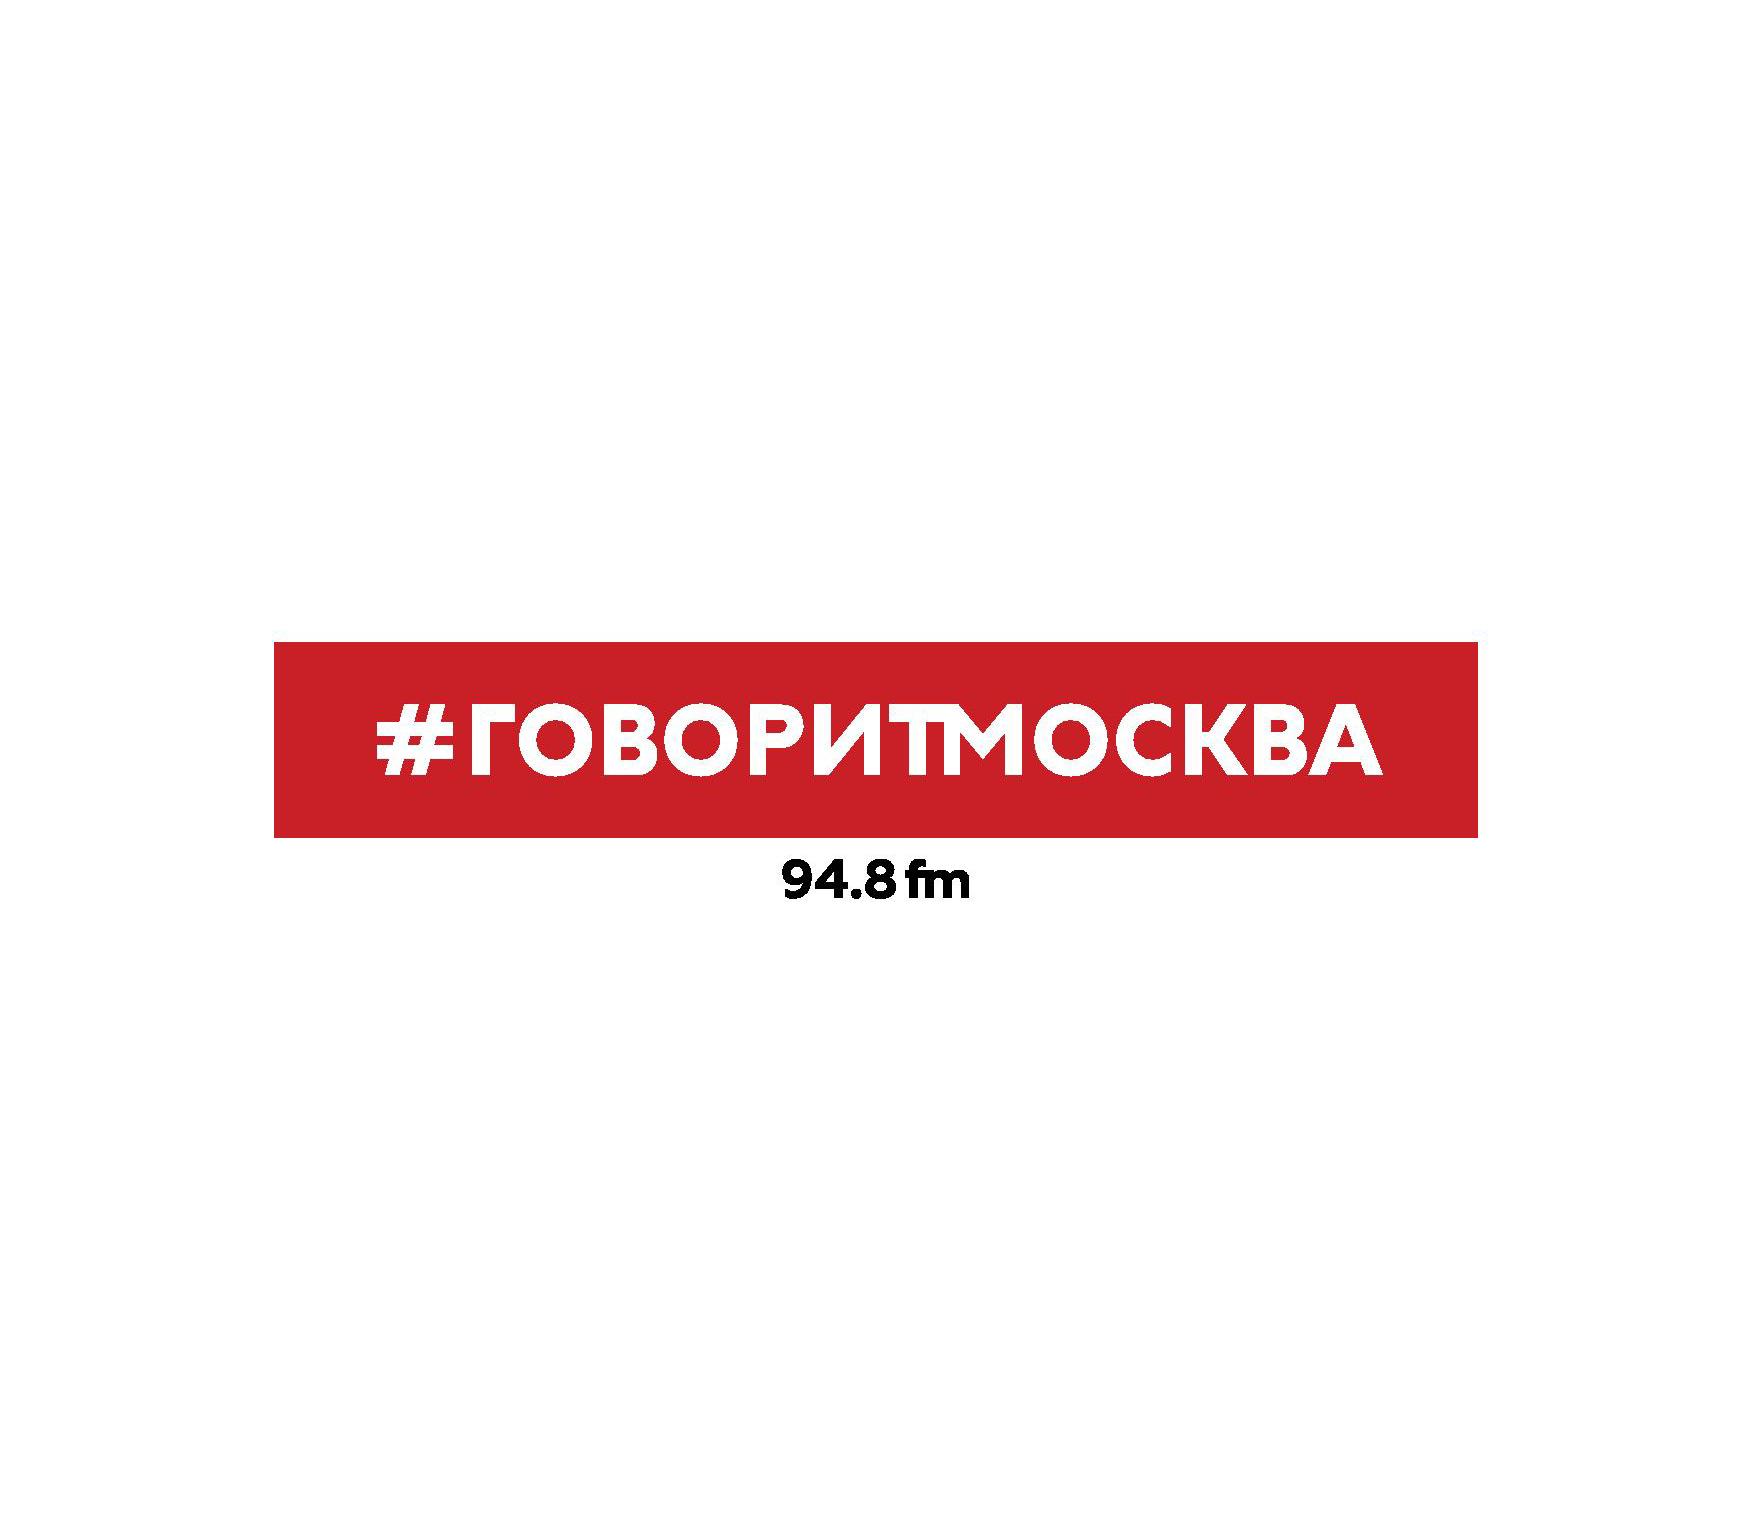 Макс Челноков 20 апреля. Варвара